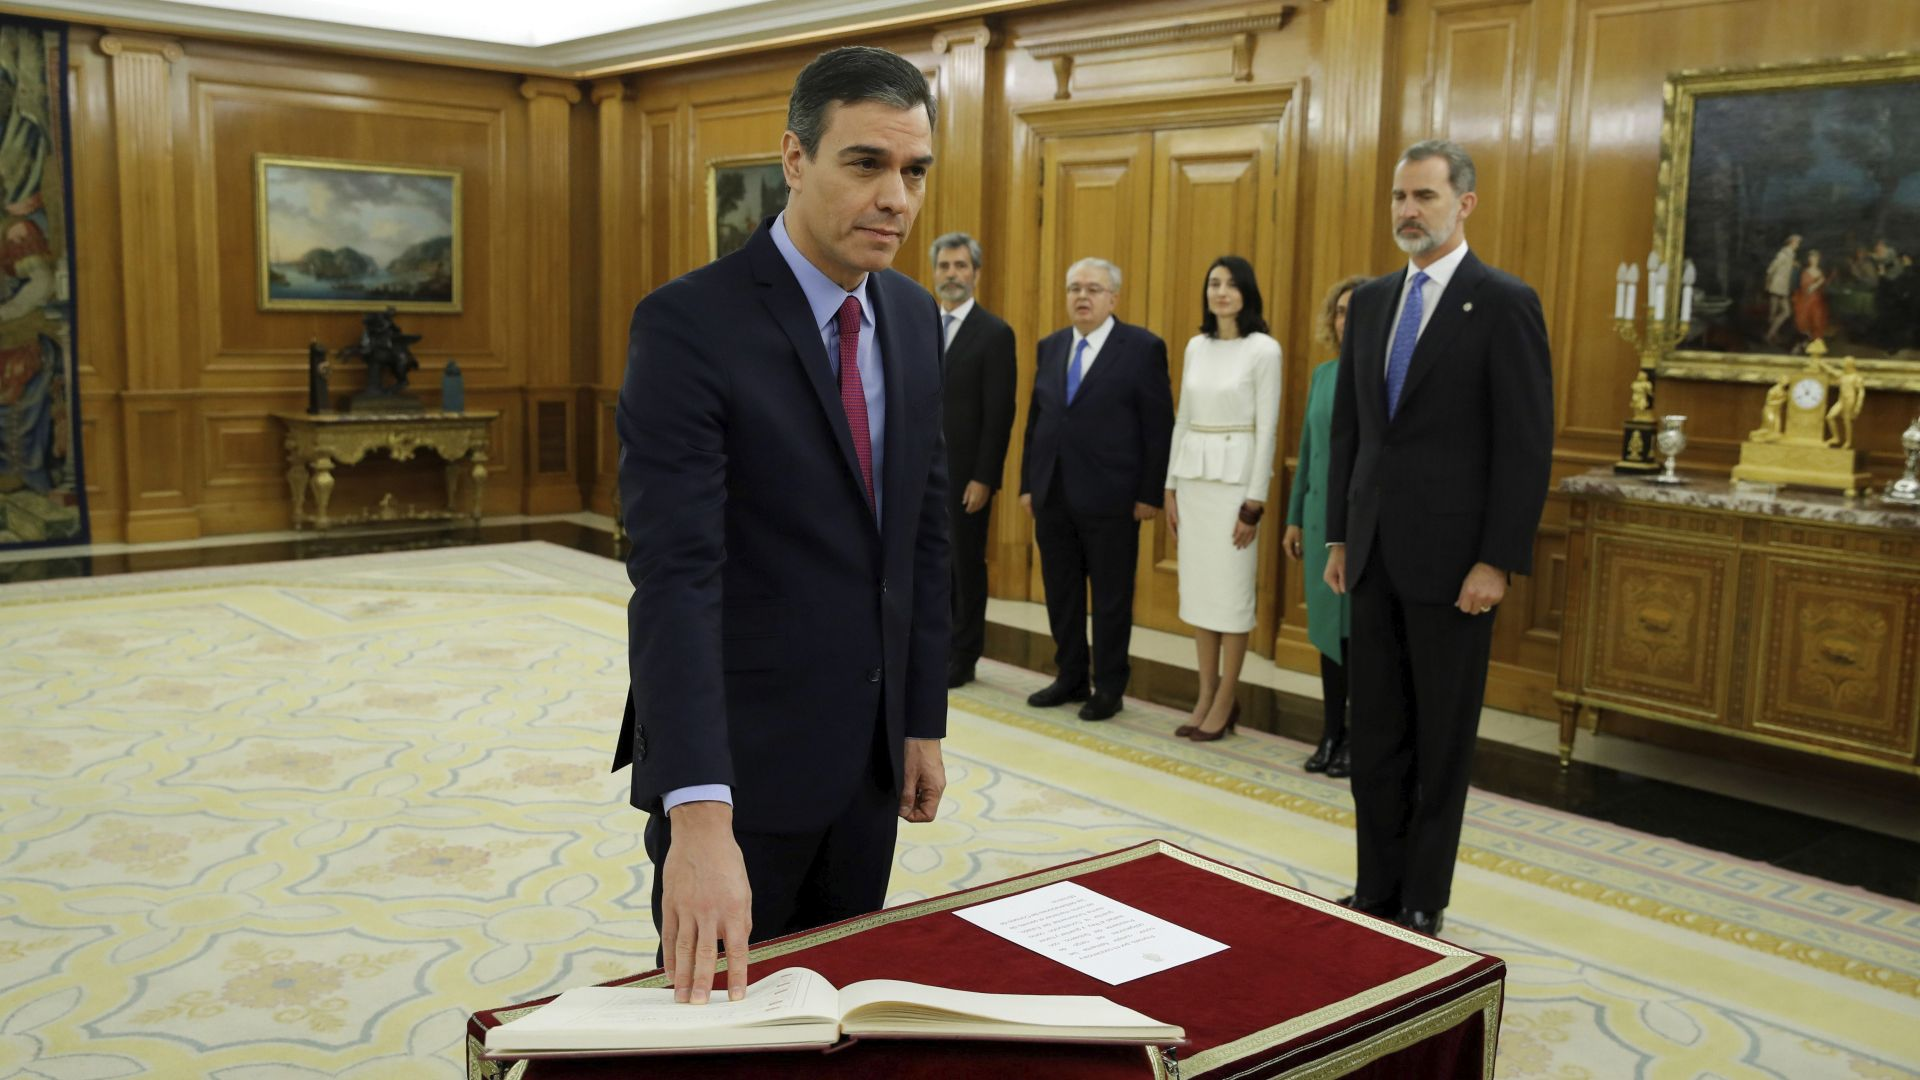 Педро Санчес се закле като премиер на Испания пред краля (снимки)